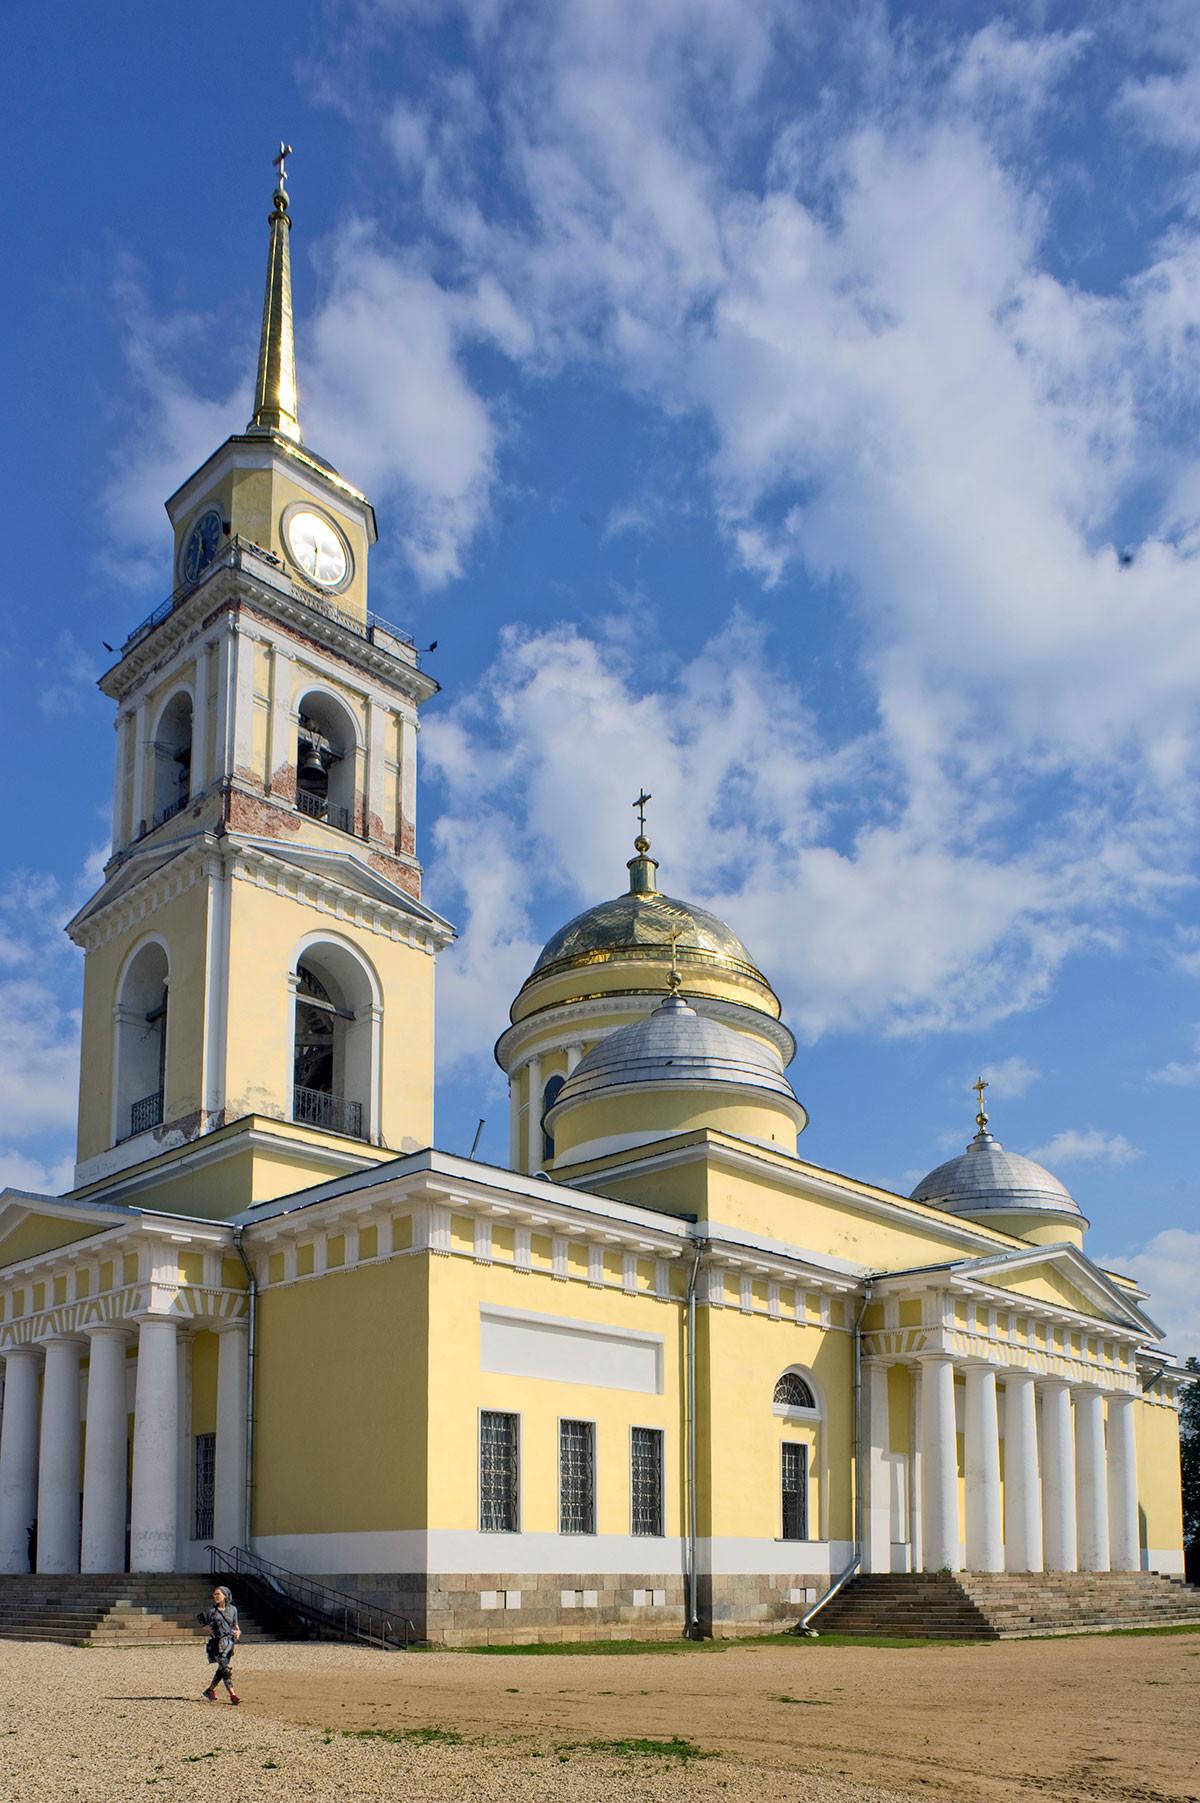 Cathédrale de l'Épiphanie et clocher, vue sud-ouest